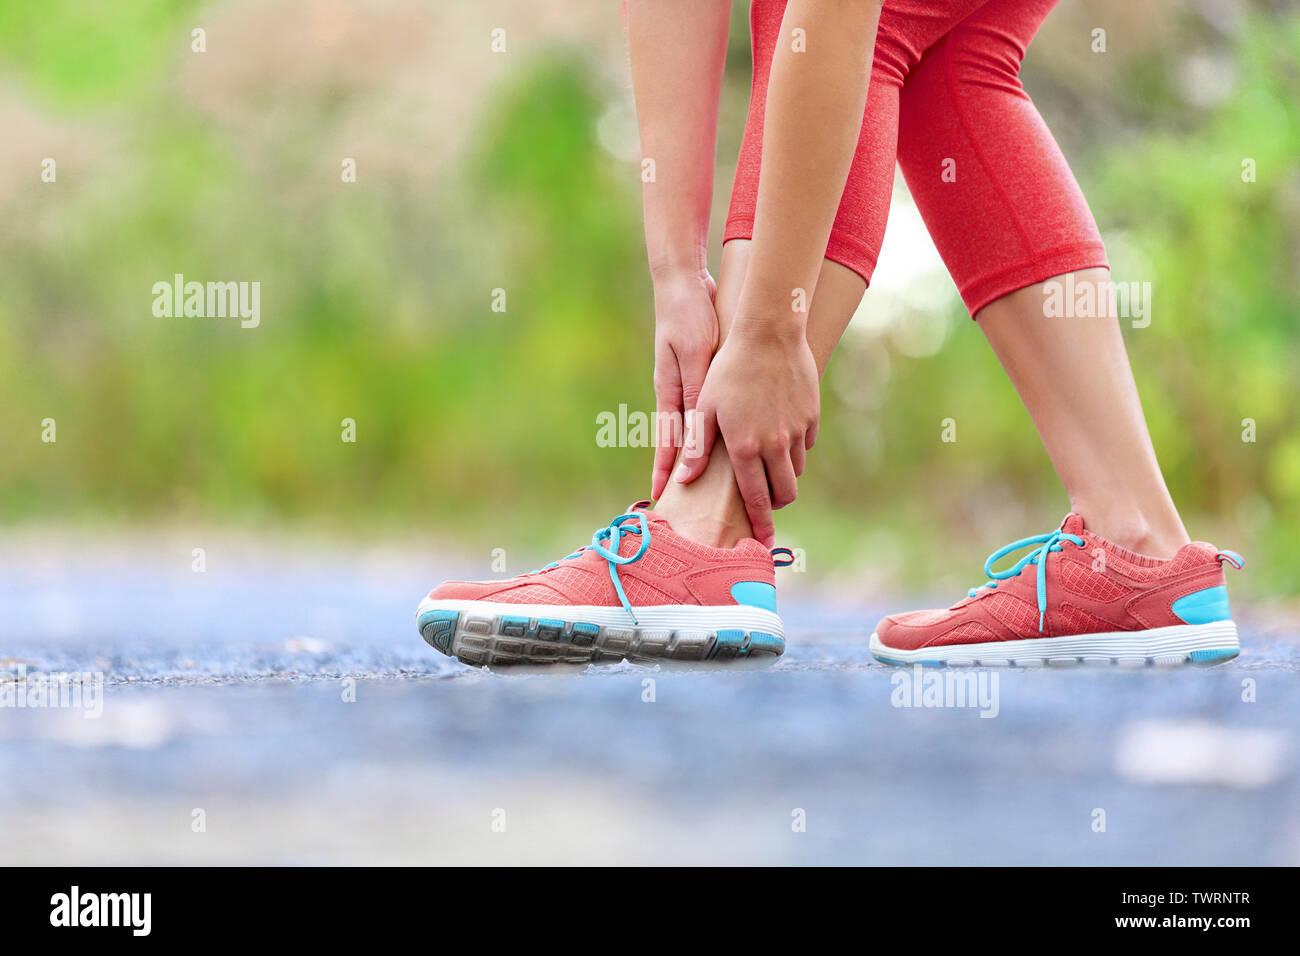 Rotura de tobillo torcido - ejecución de lesiones deportivas. Corredoras, tocar de pies en el dolor debido a esguince de tobillo. Foto de stock